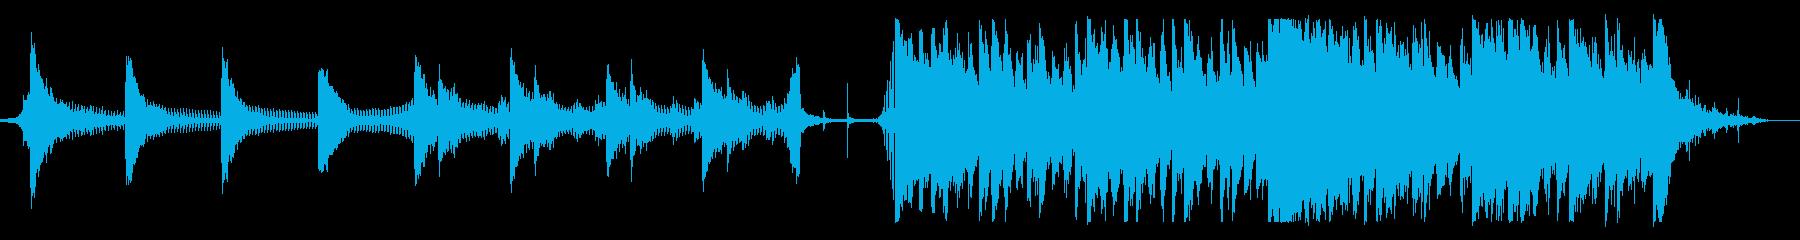 外車のテーマ曲の様なオーケストラの再生済みの波形